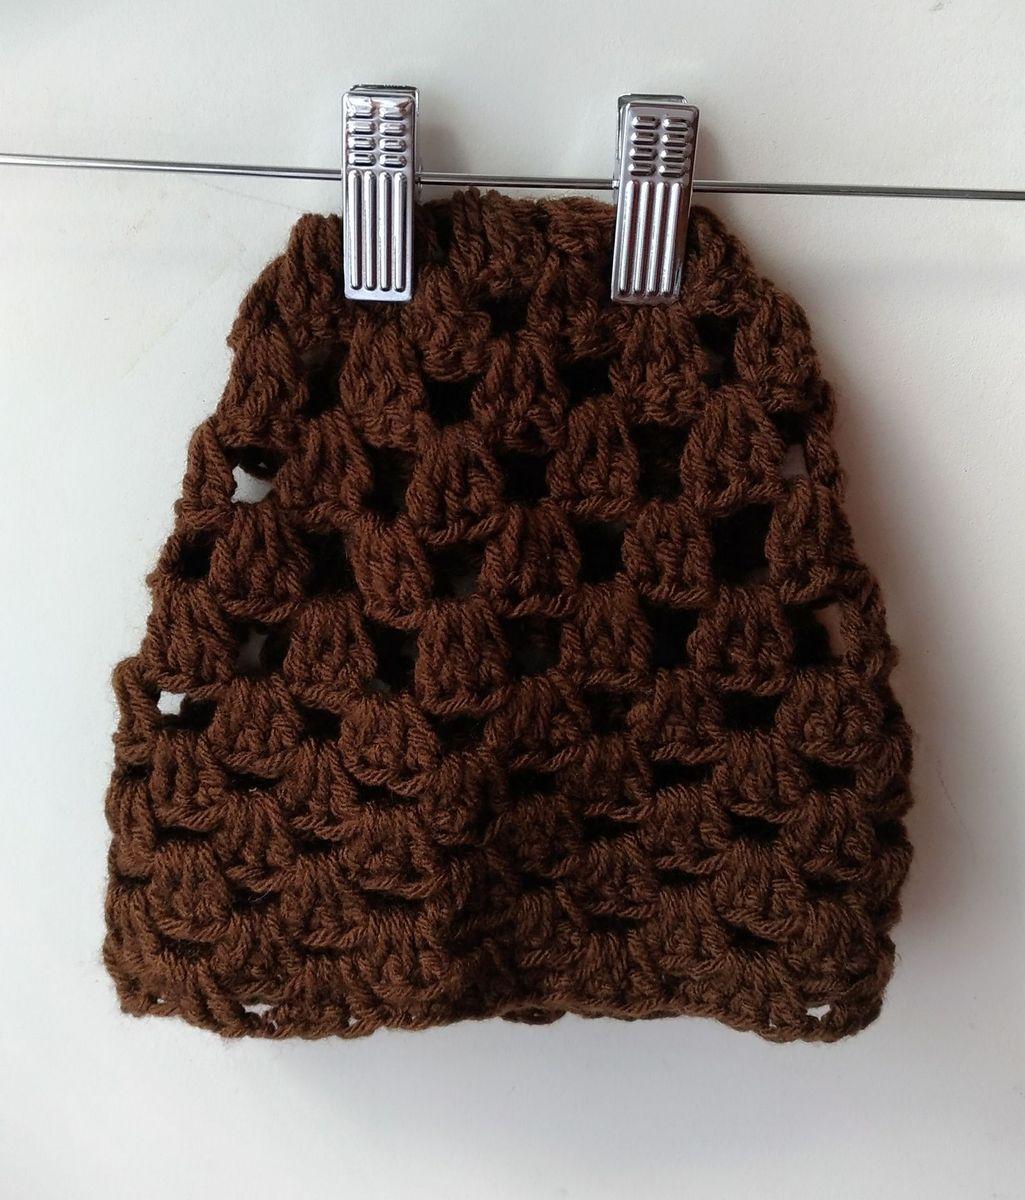 gorro de lã feito a mão - chapeu sem marca.  Czm6ly9wag90b3muzw5qb2vplmnvbs5ici9wcm9kdwn0cy81mtc0mzc1lzk3zdcxnzzmy2m5ngnlnge0oda5otfjzjnhzgyyowu0lmpwzw  ... 7f5bb07c598